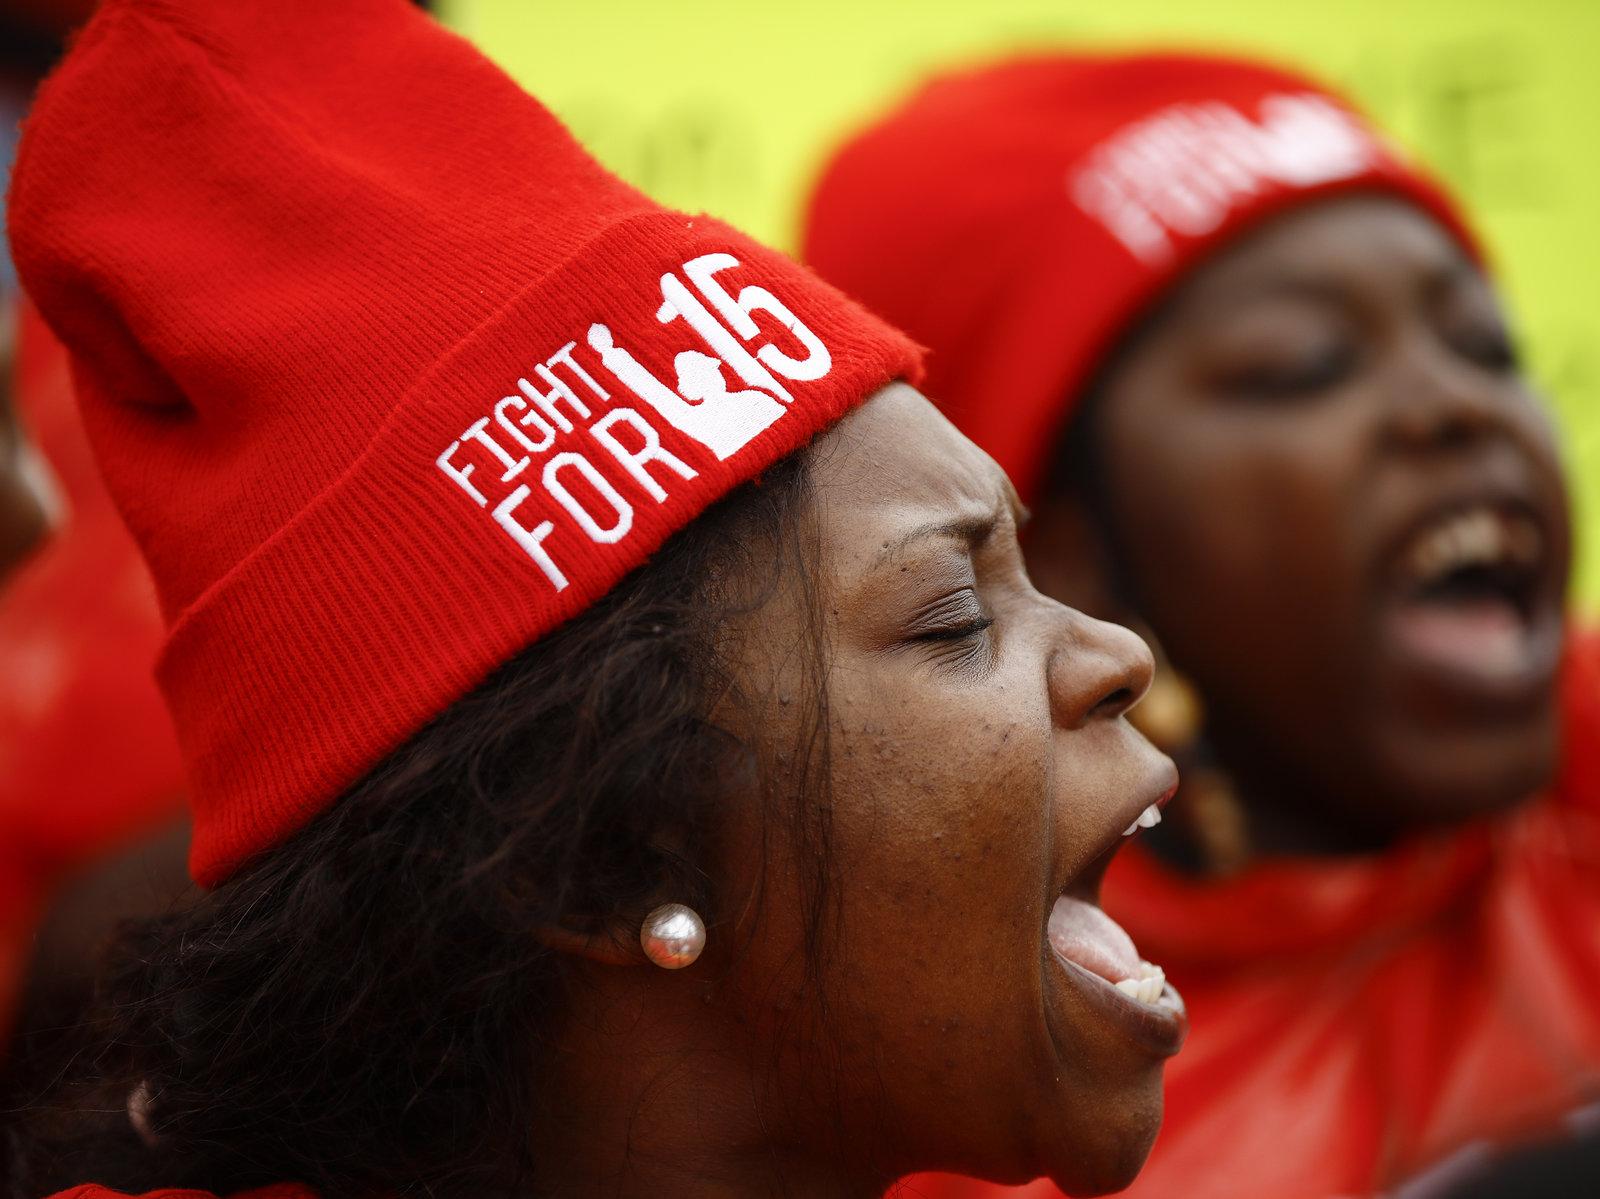 参议院暂不愿将最低工资提高至15美元,民主党人誓言推进